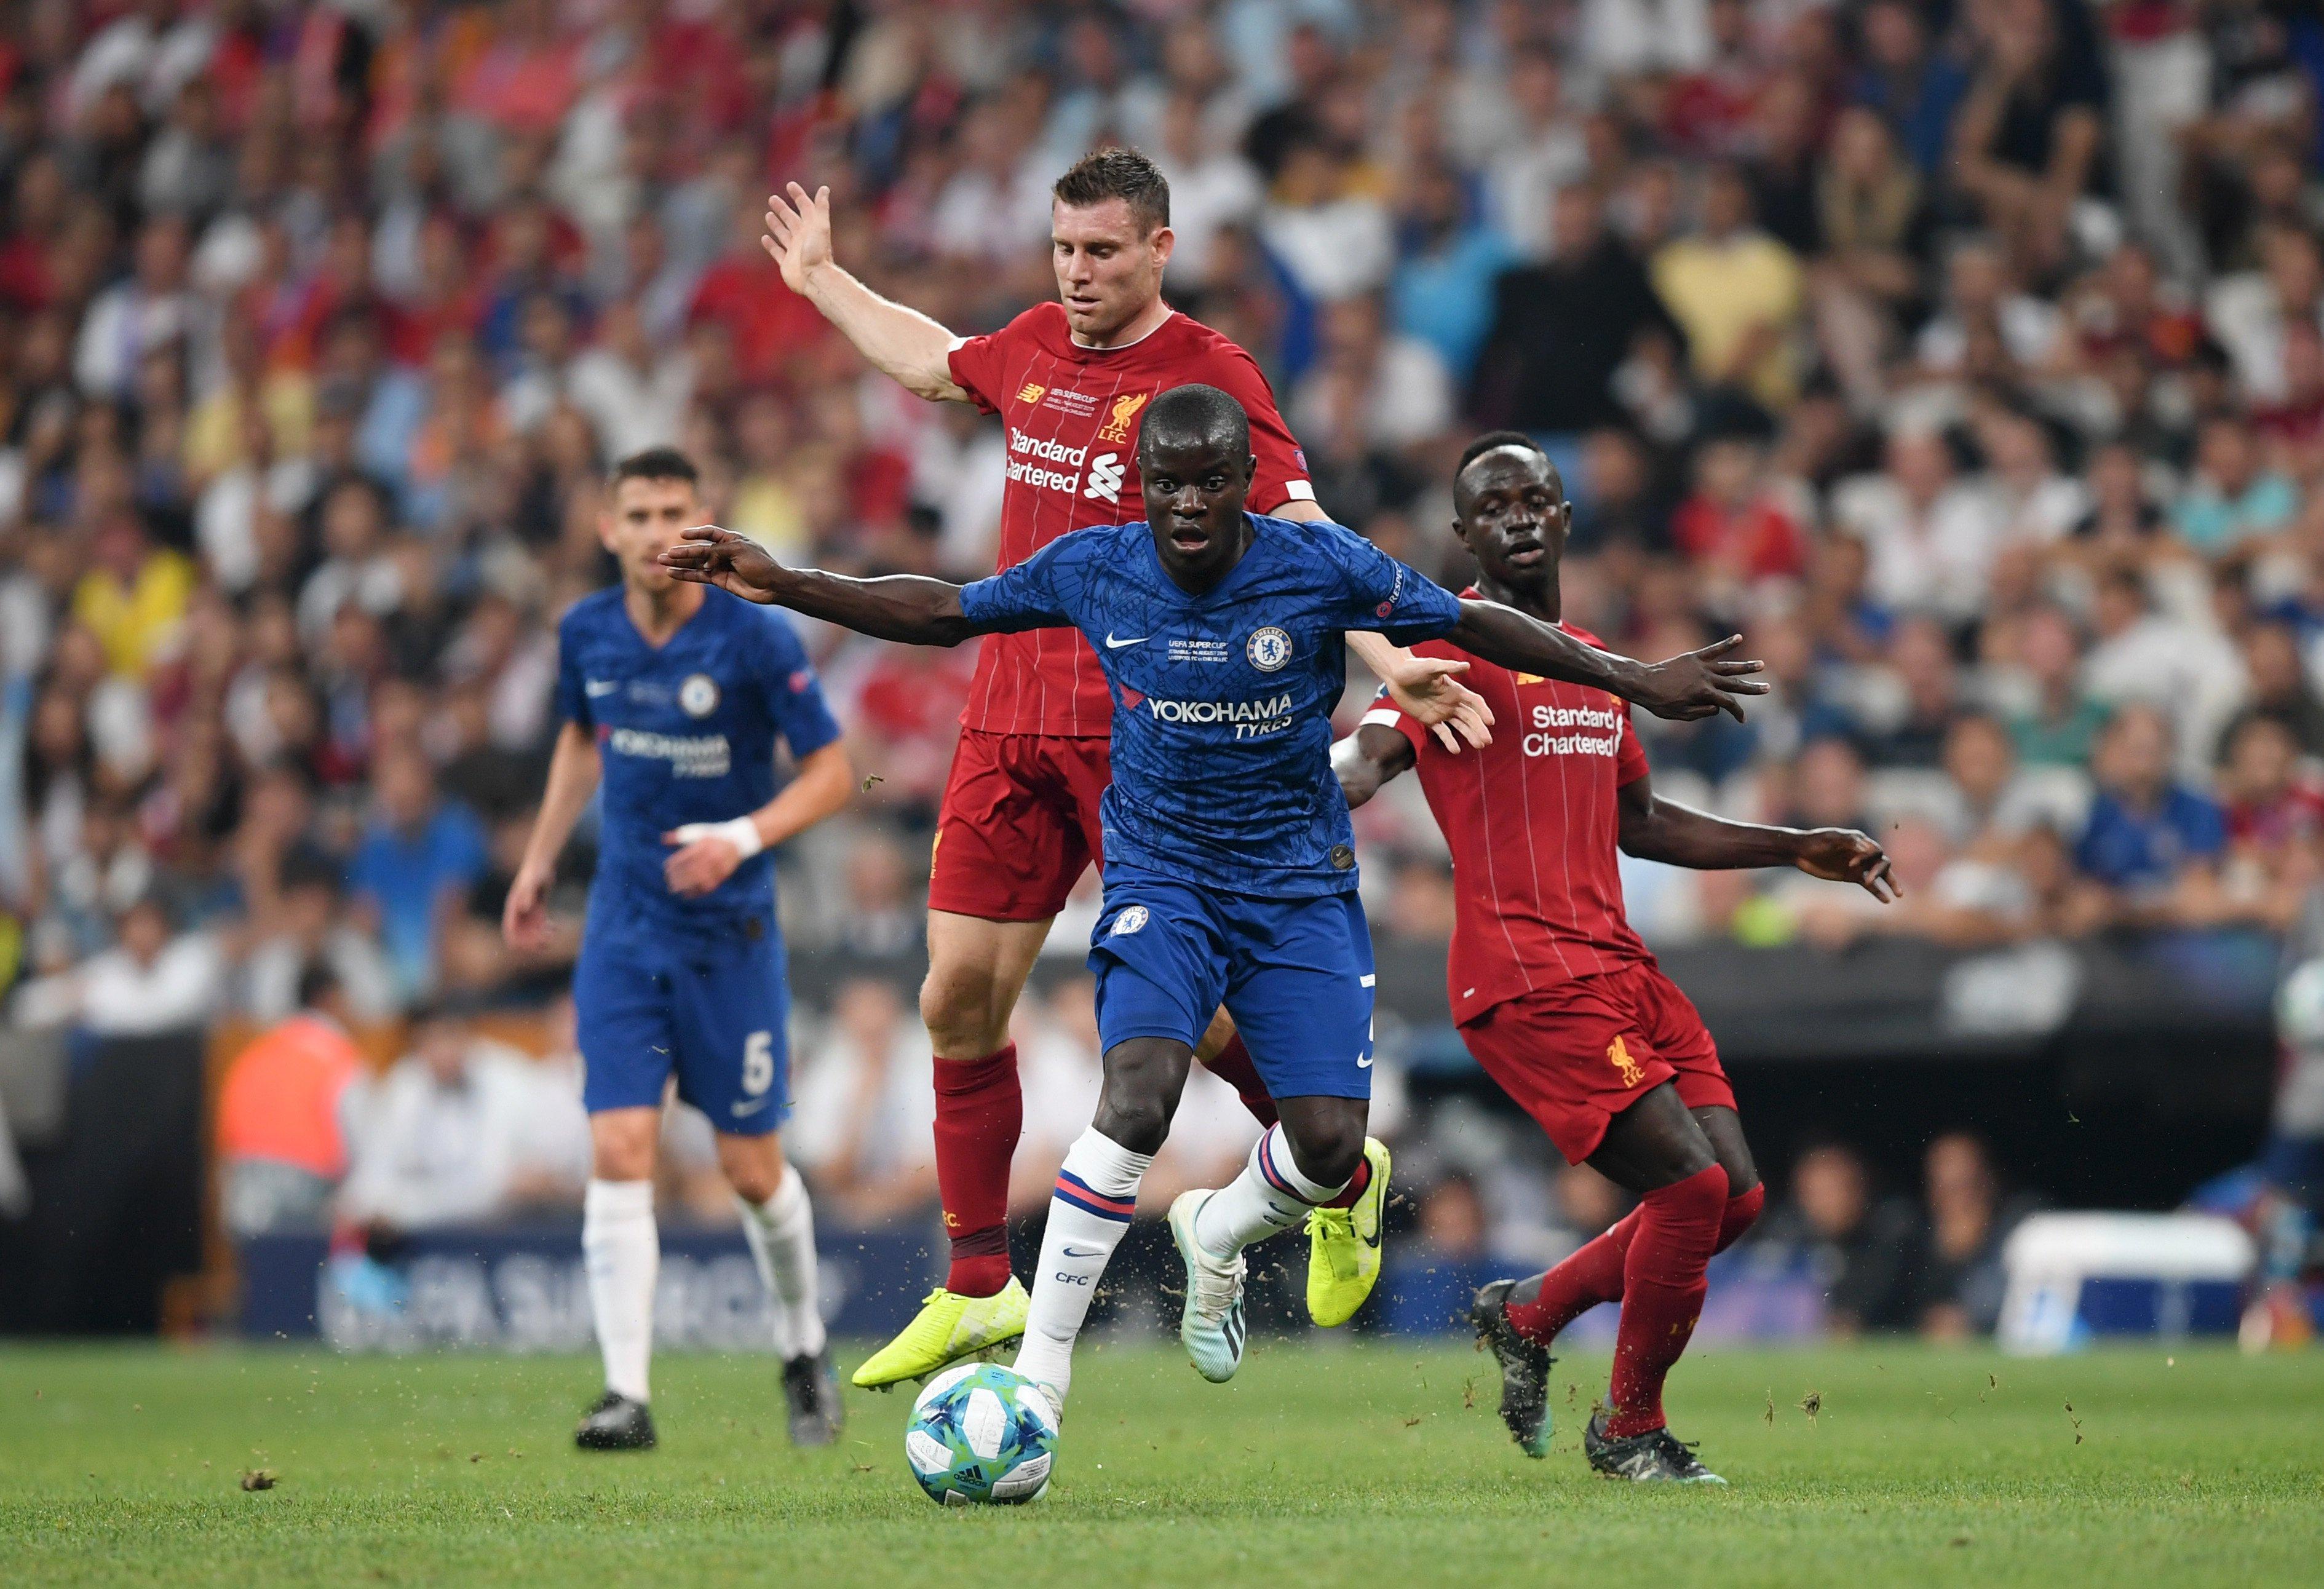 Ліверпуль - Челсі 2:2, пен 5:4. Червоні виграють ще один євротрофей в Стамбулі - изображение 1